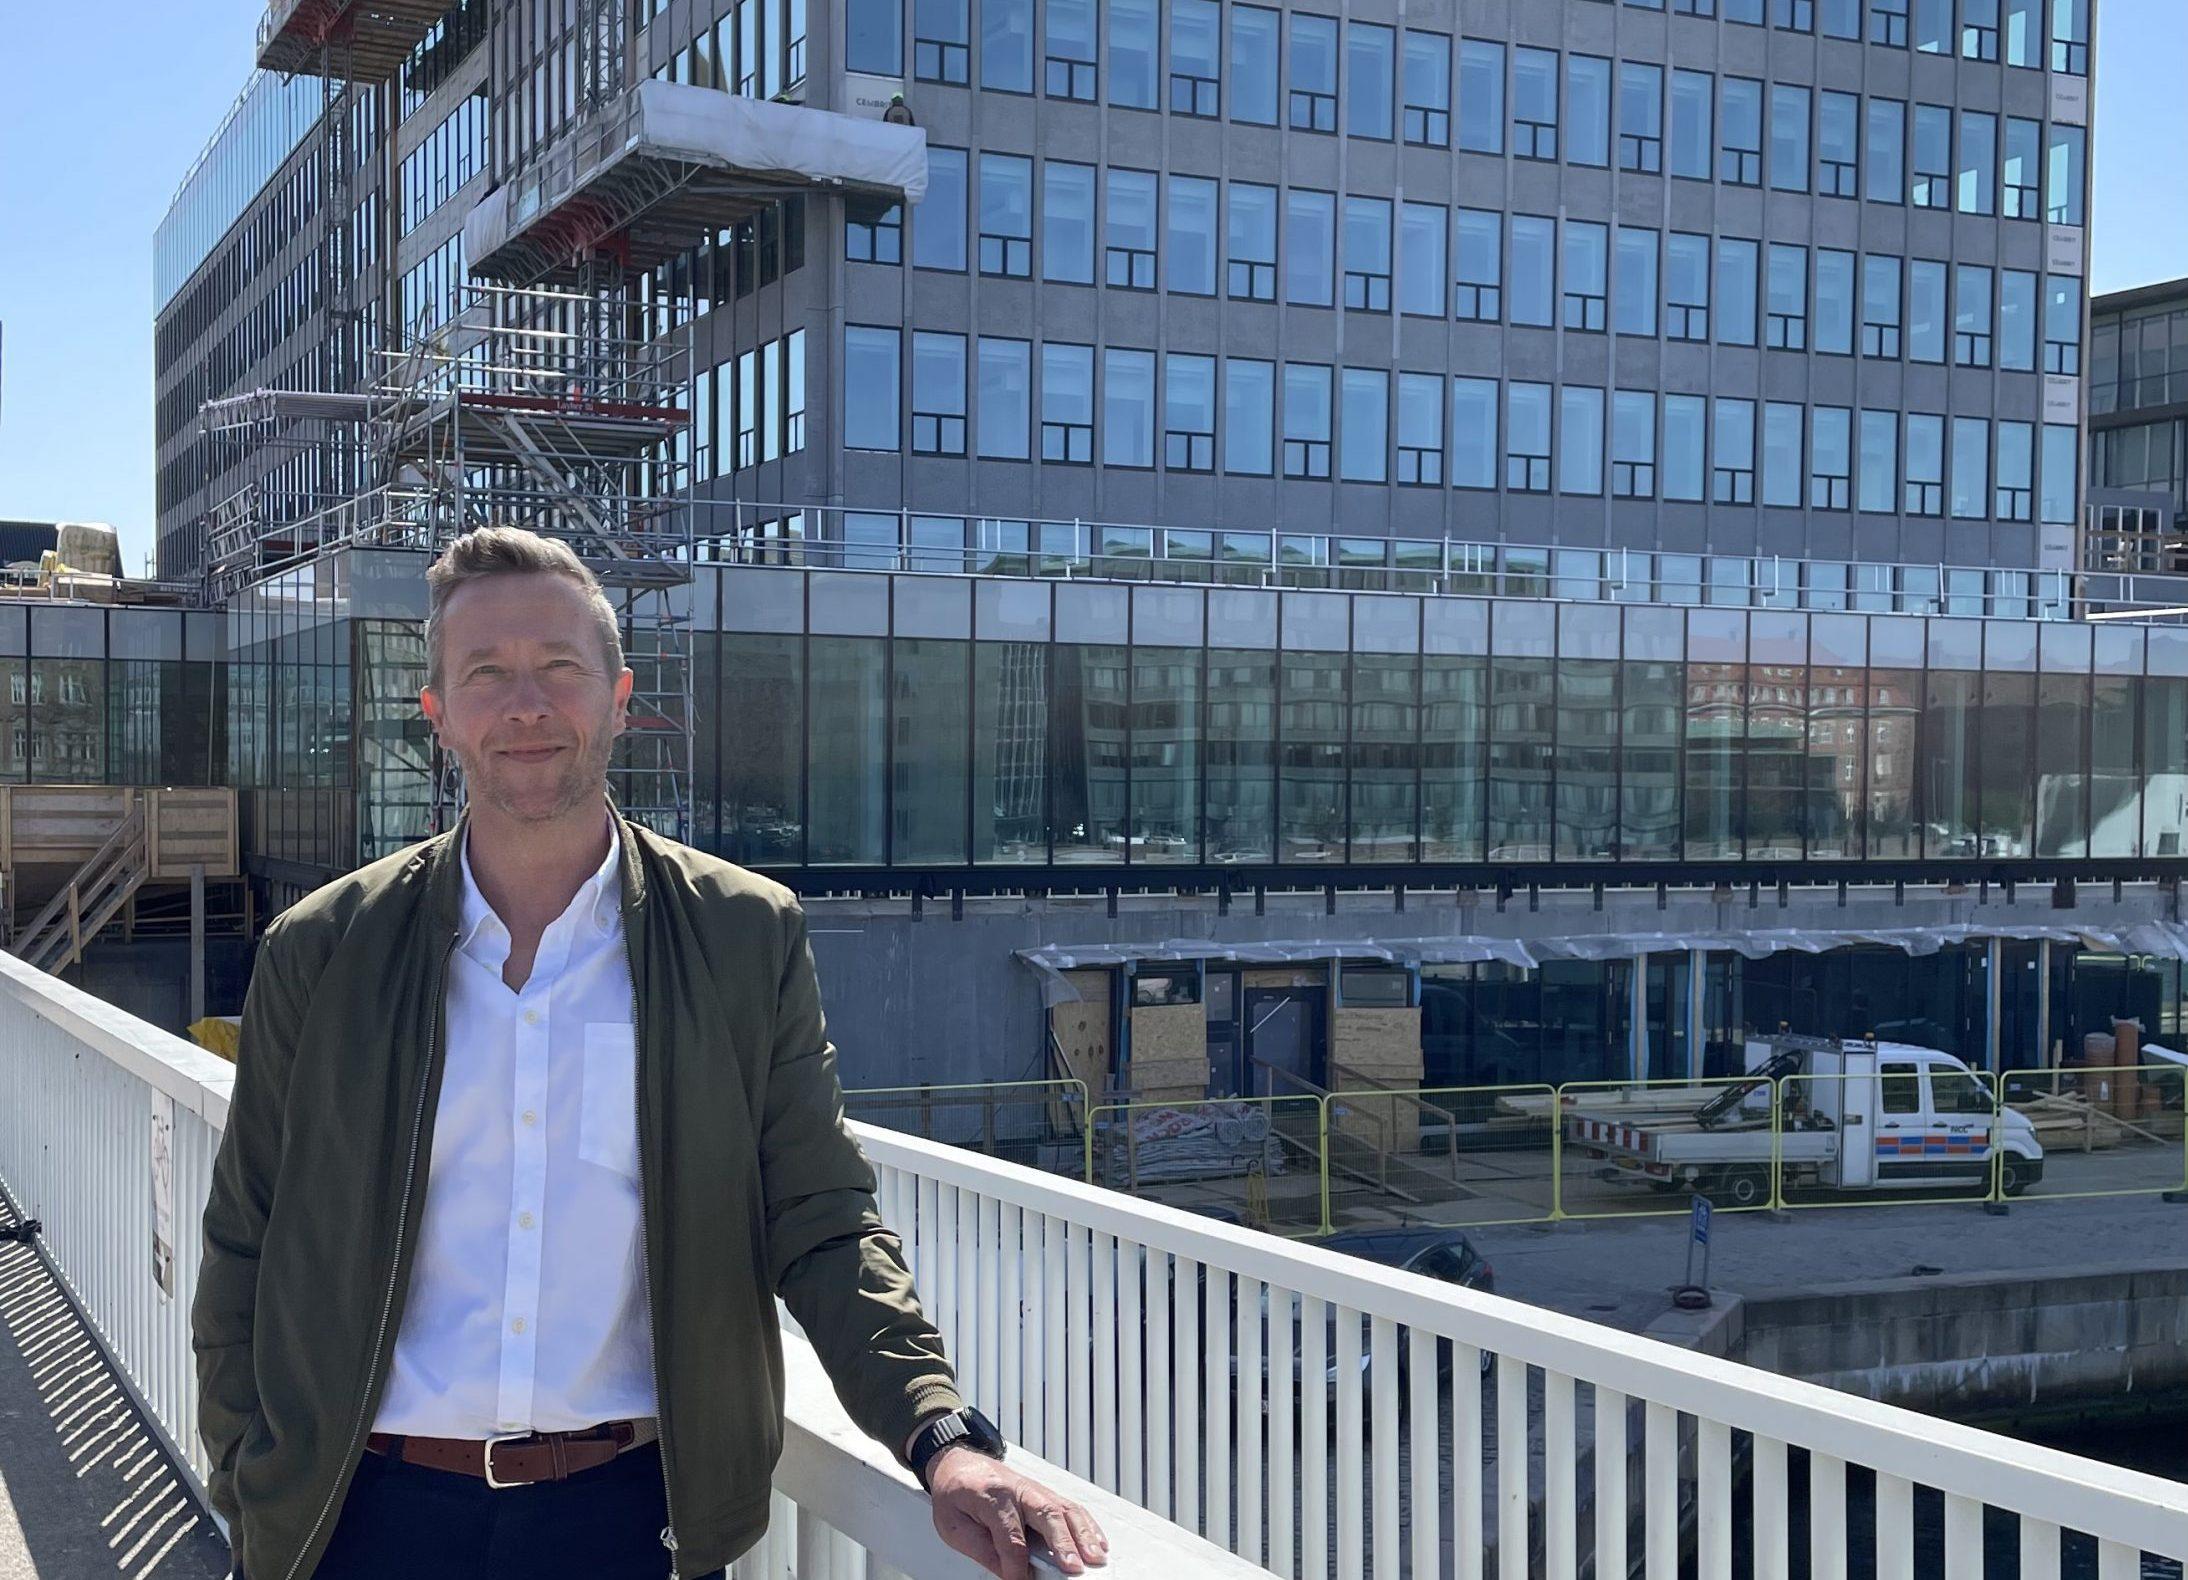 Anders Duelund foran det kommende femstjernede hotel, NH Collection Copenhagen, der fuldt bemandet bliver arbejdsplads for op mod 200 medarbejdere. Privatfoto.